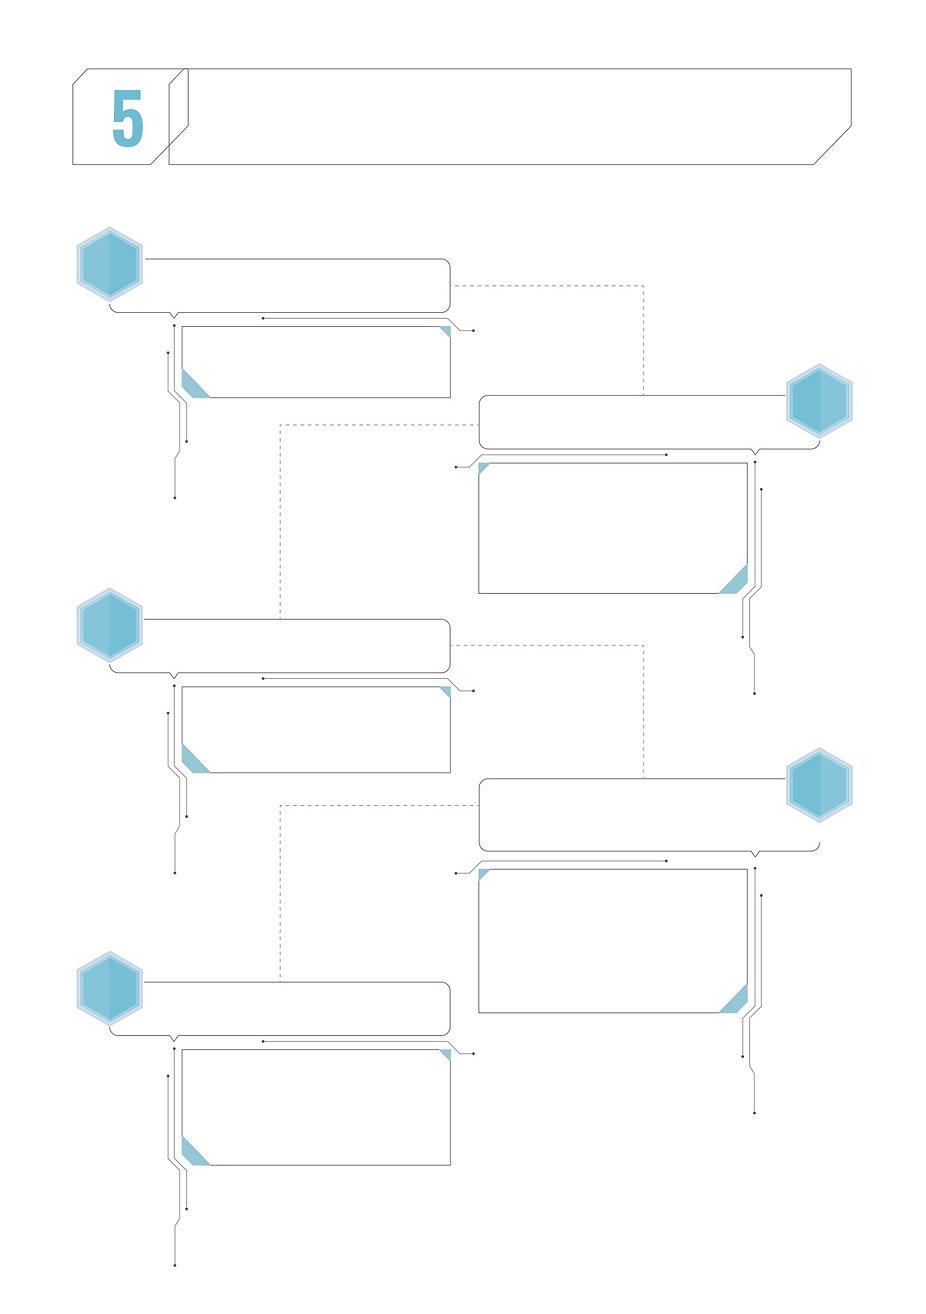 Pasos para una transformación empresarial - INNOVATION HUB CONSULTING